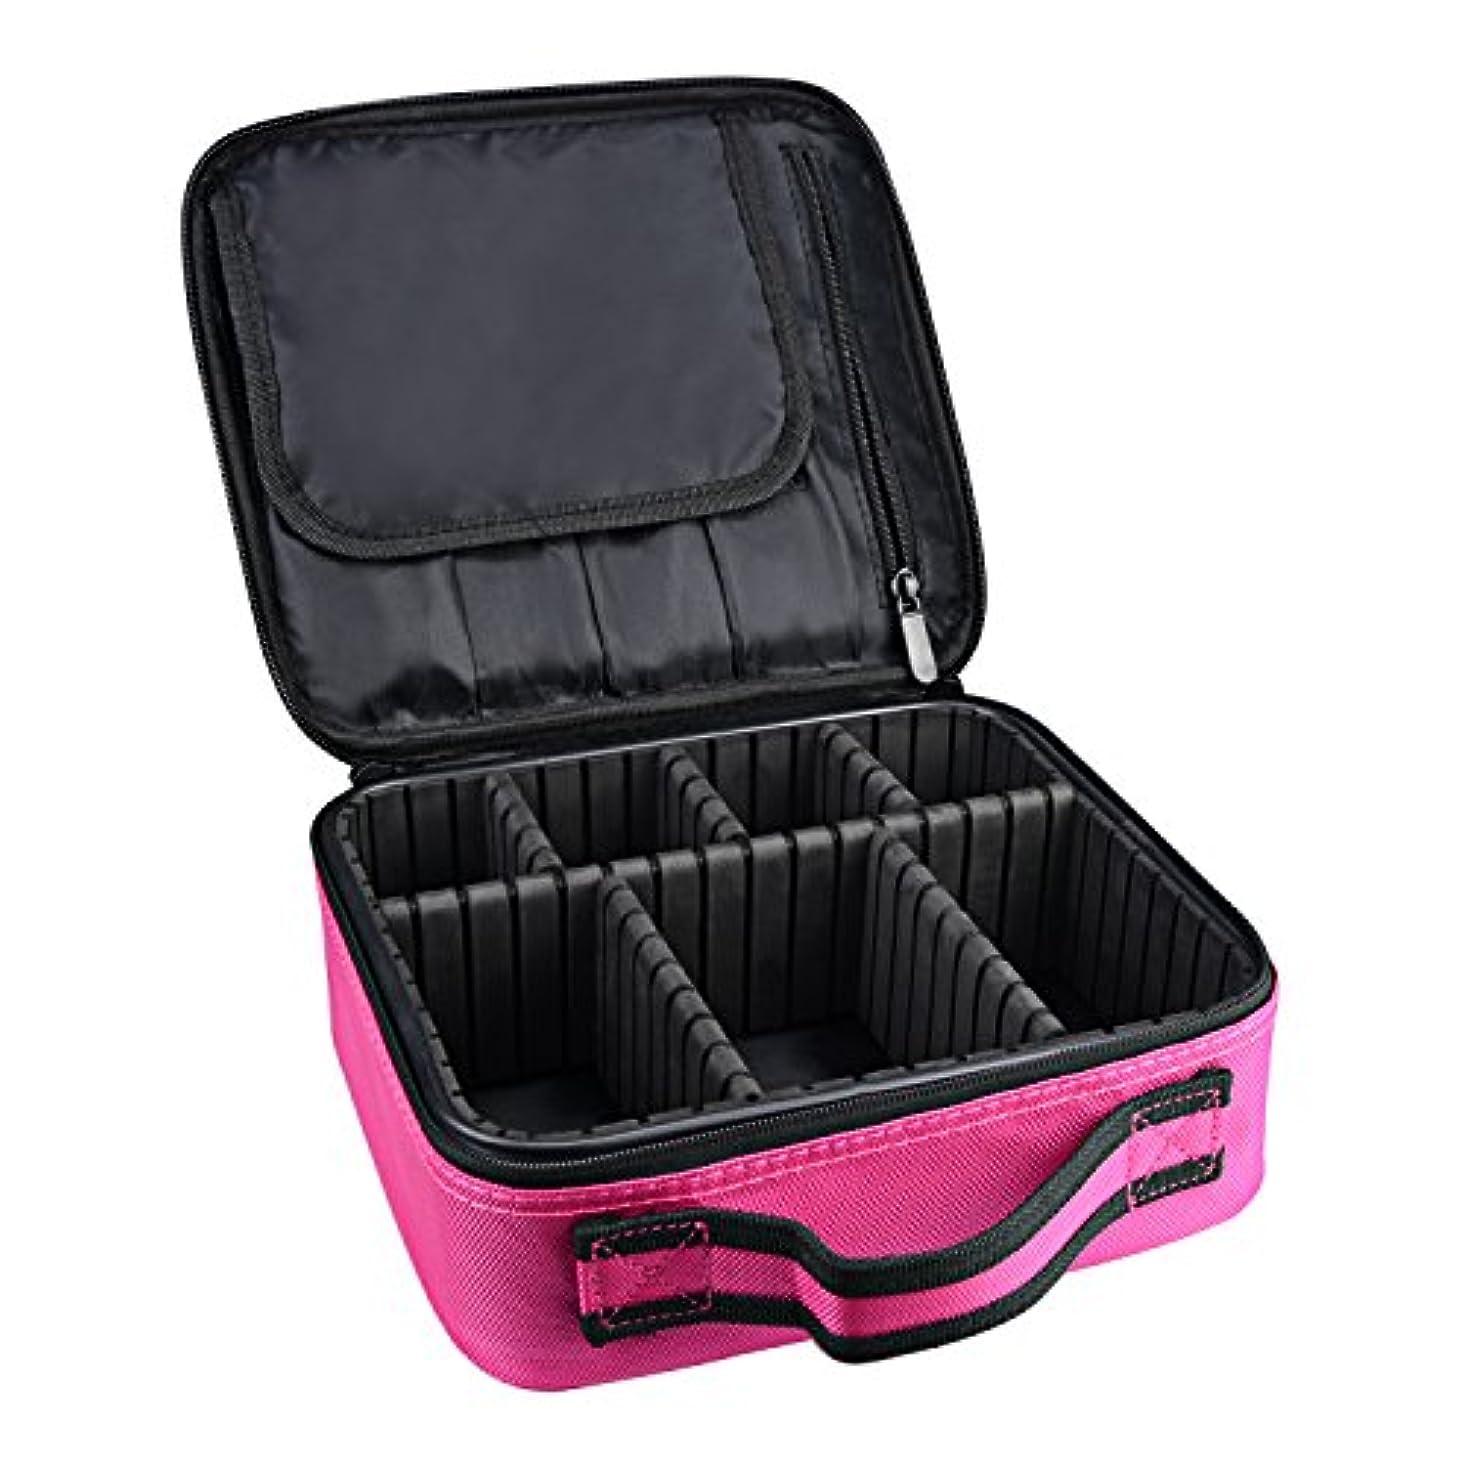 適応的資格人工ArcEnCiel メイクボックス プロ用 メイクブラシ 化粧道具 小物収納 コスメボックス